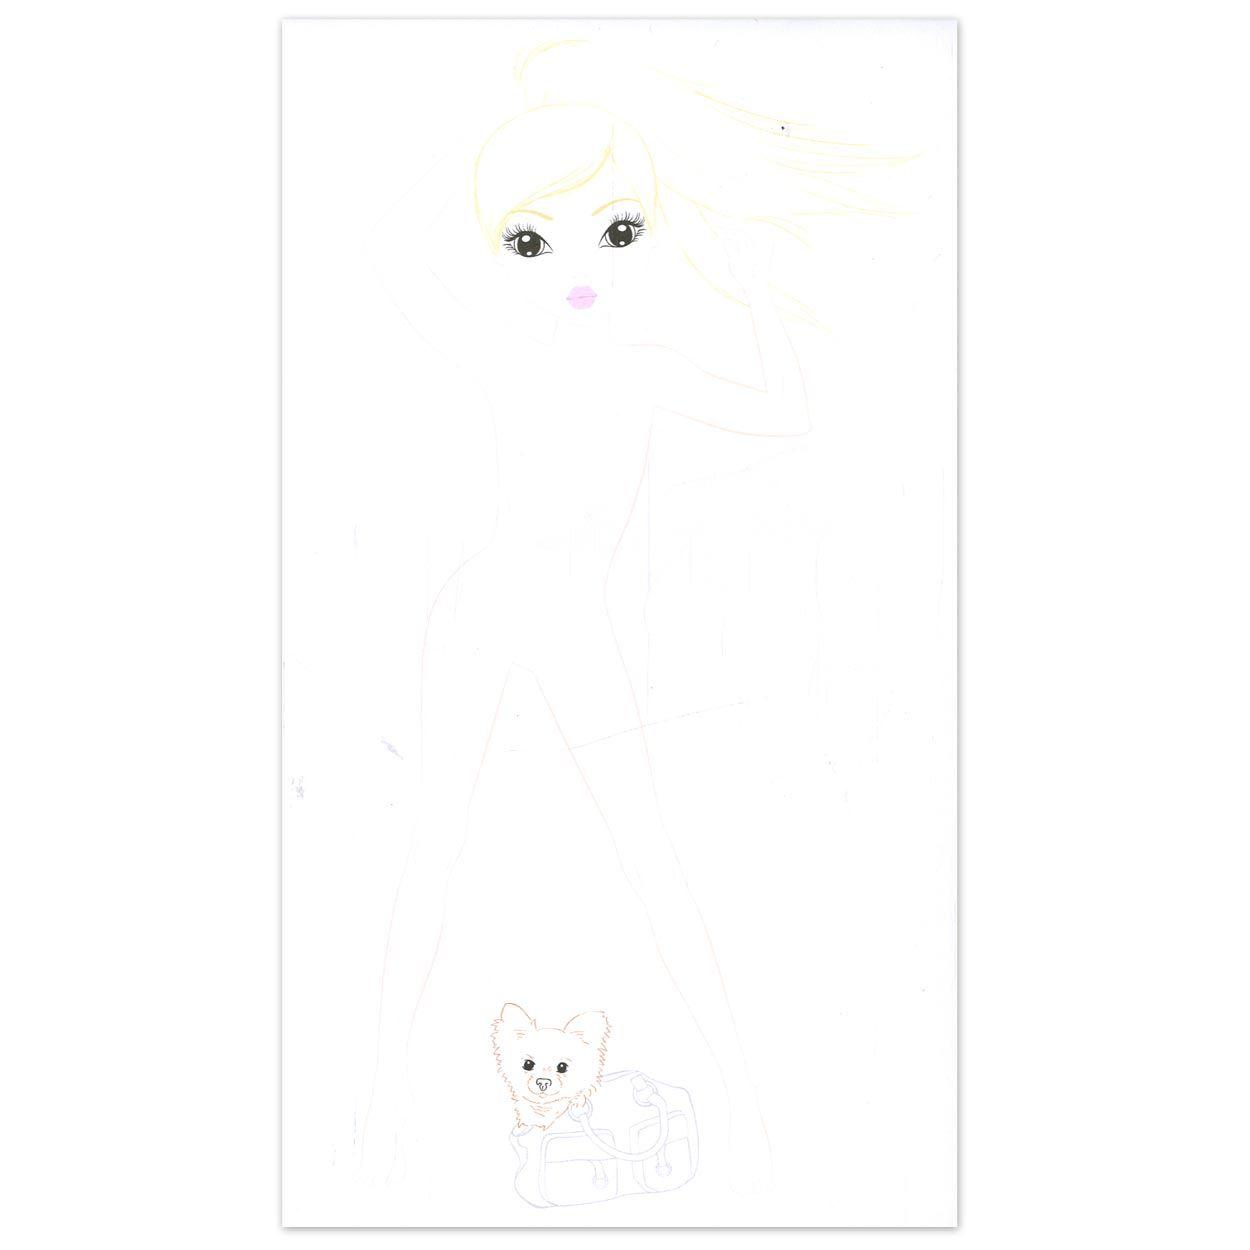 Topmodel Ausmalbilder Ohne Haare : 3999023b Jpg 1250 1250 Coloring Pages Pinterest